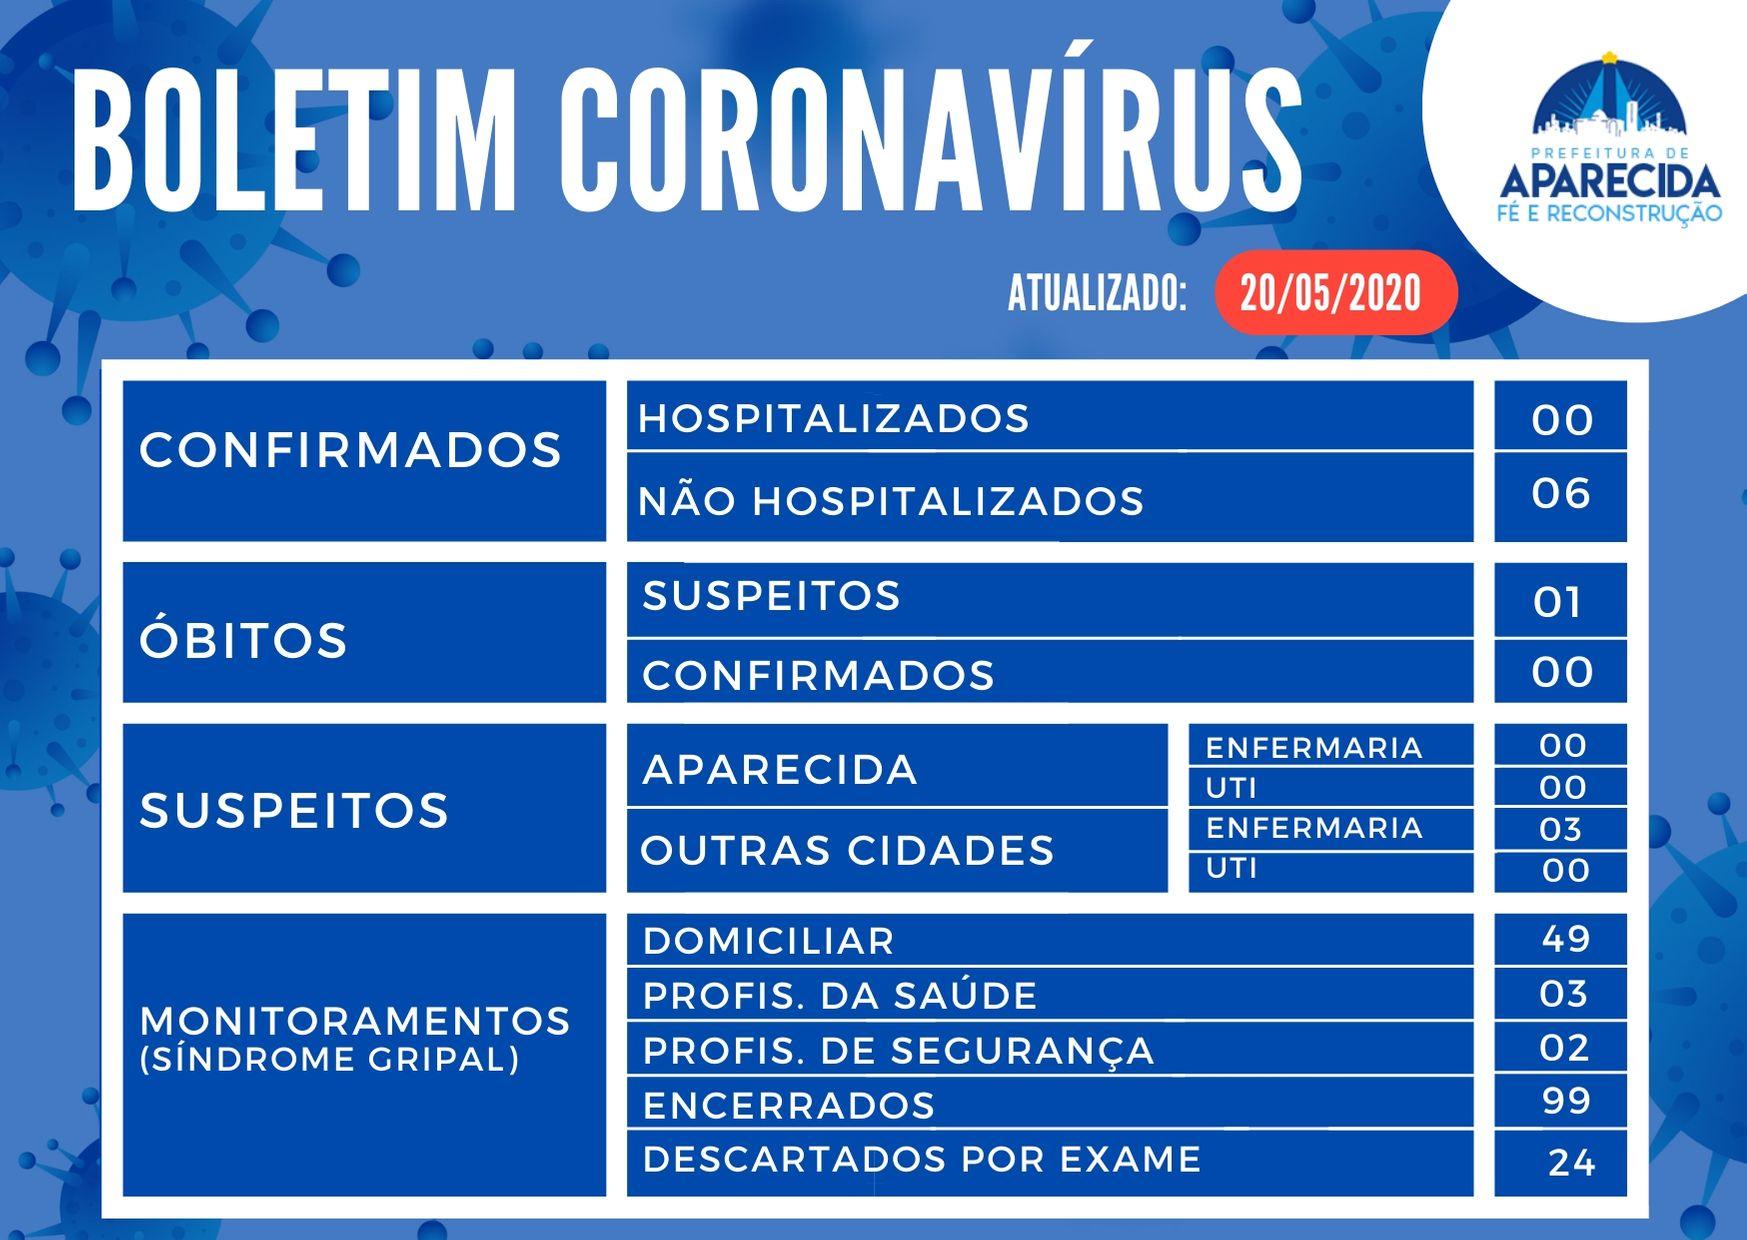 Boletim Coronavírus 20.05